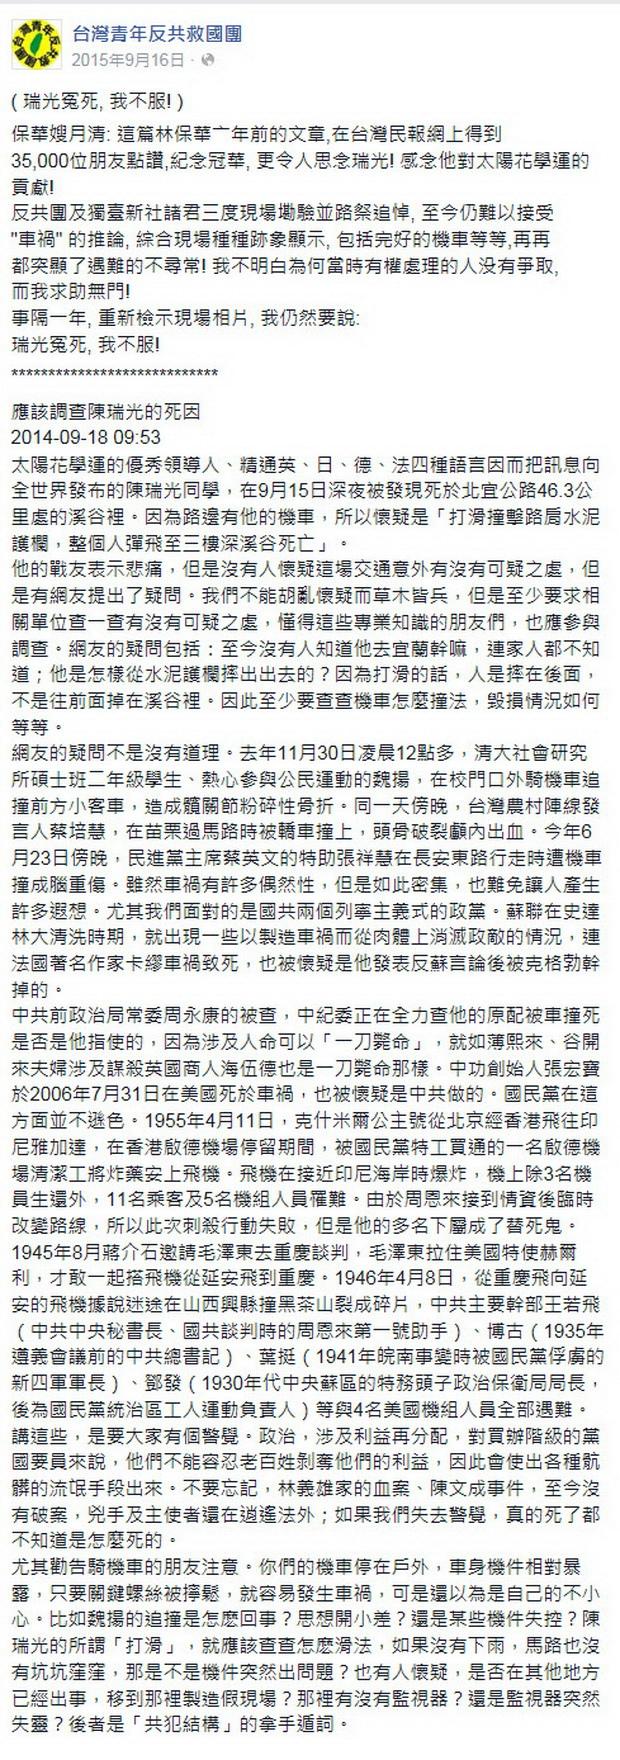 瑞光冤死, 我不服! -2014.09.18.jpg